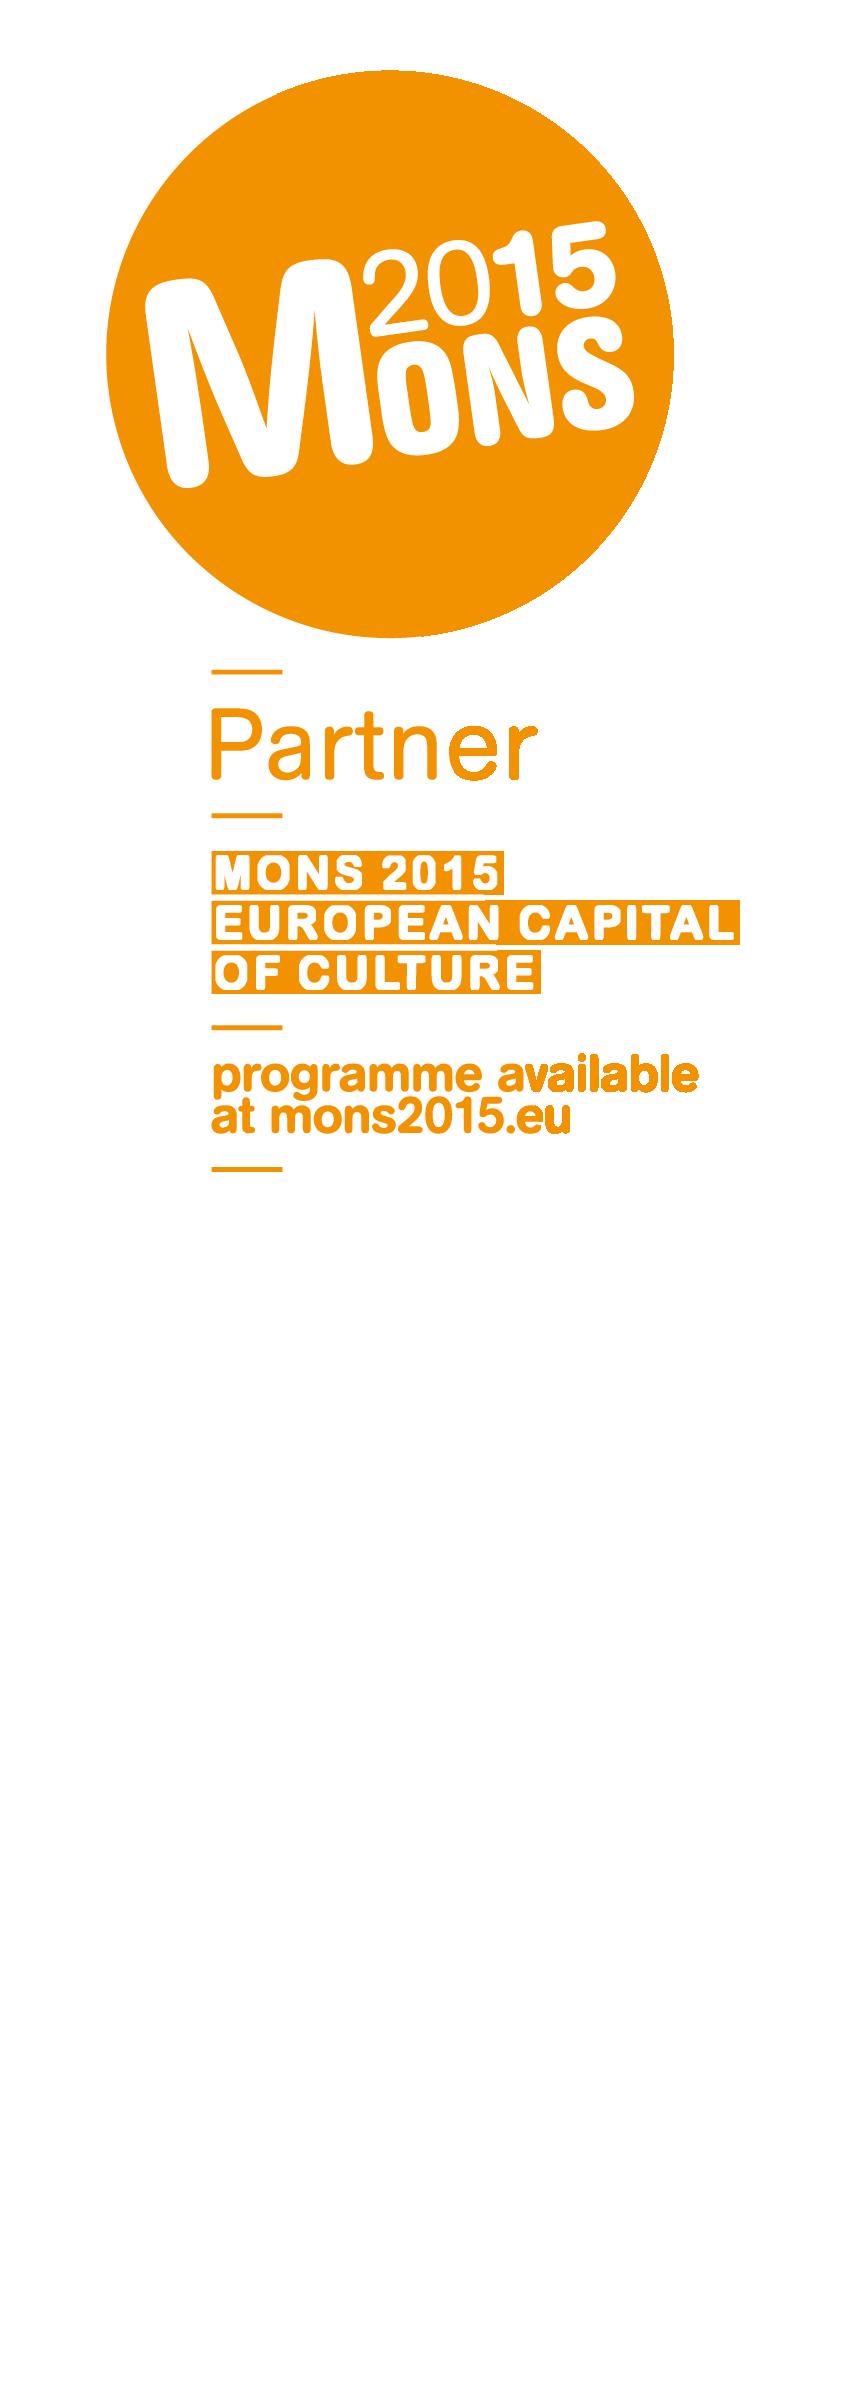 MONS2015_partenaire_sans_EN_orange